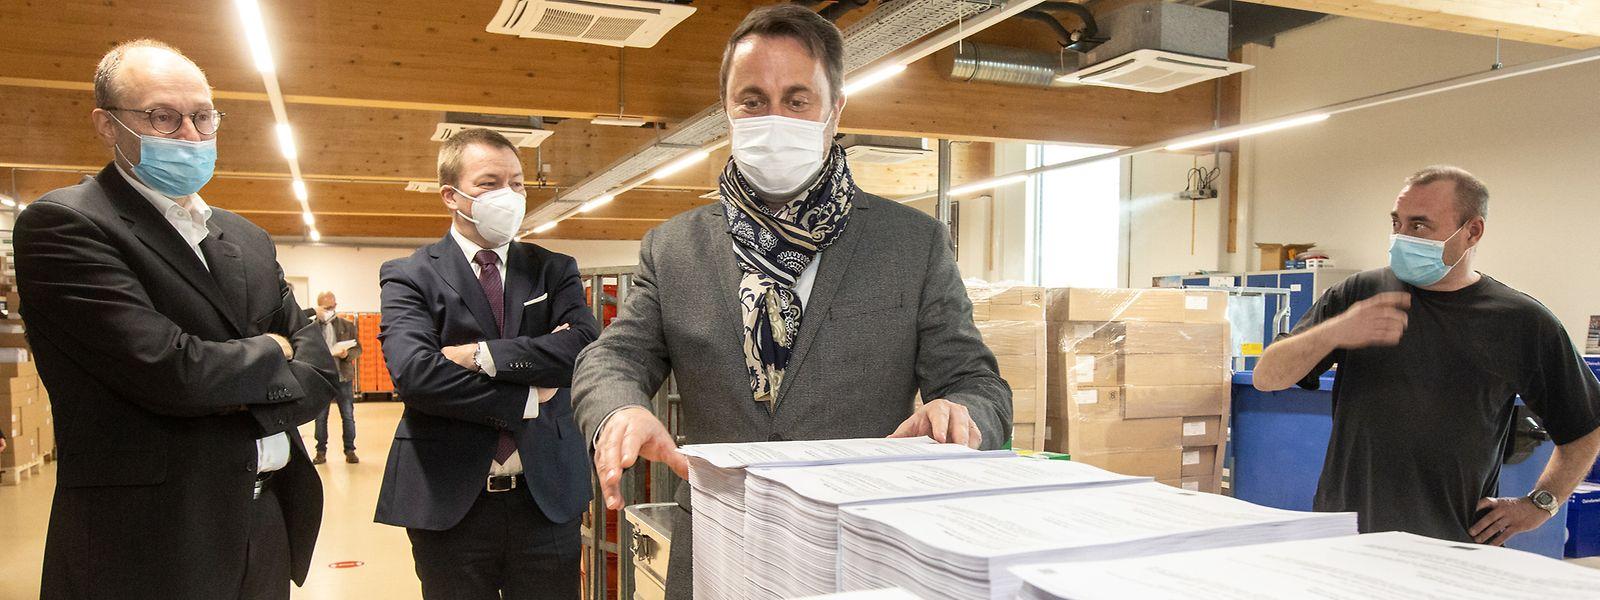 Rien que pour le dépistage, l'imprimerie digitale du CTIE a déjà publié et expédié 4,5 millions d'invitations.